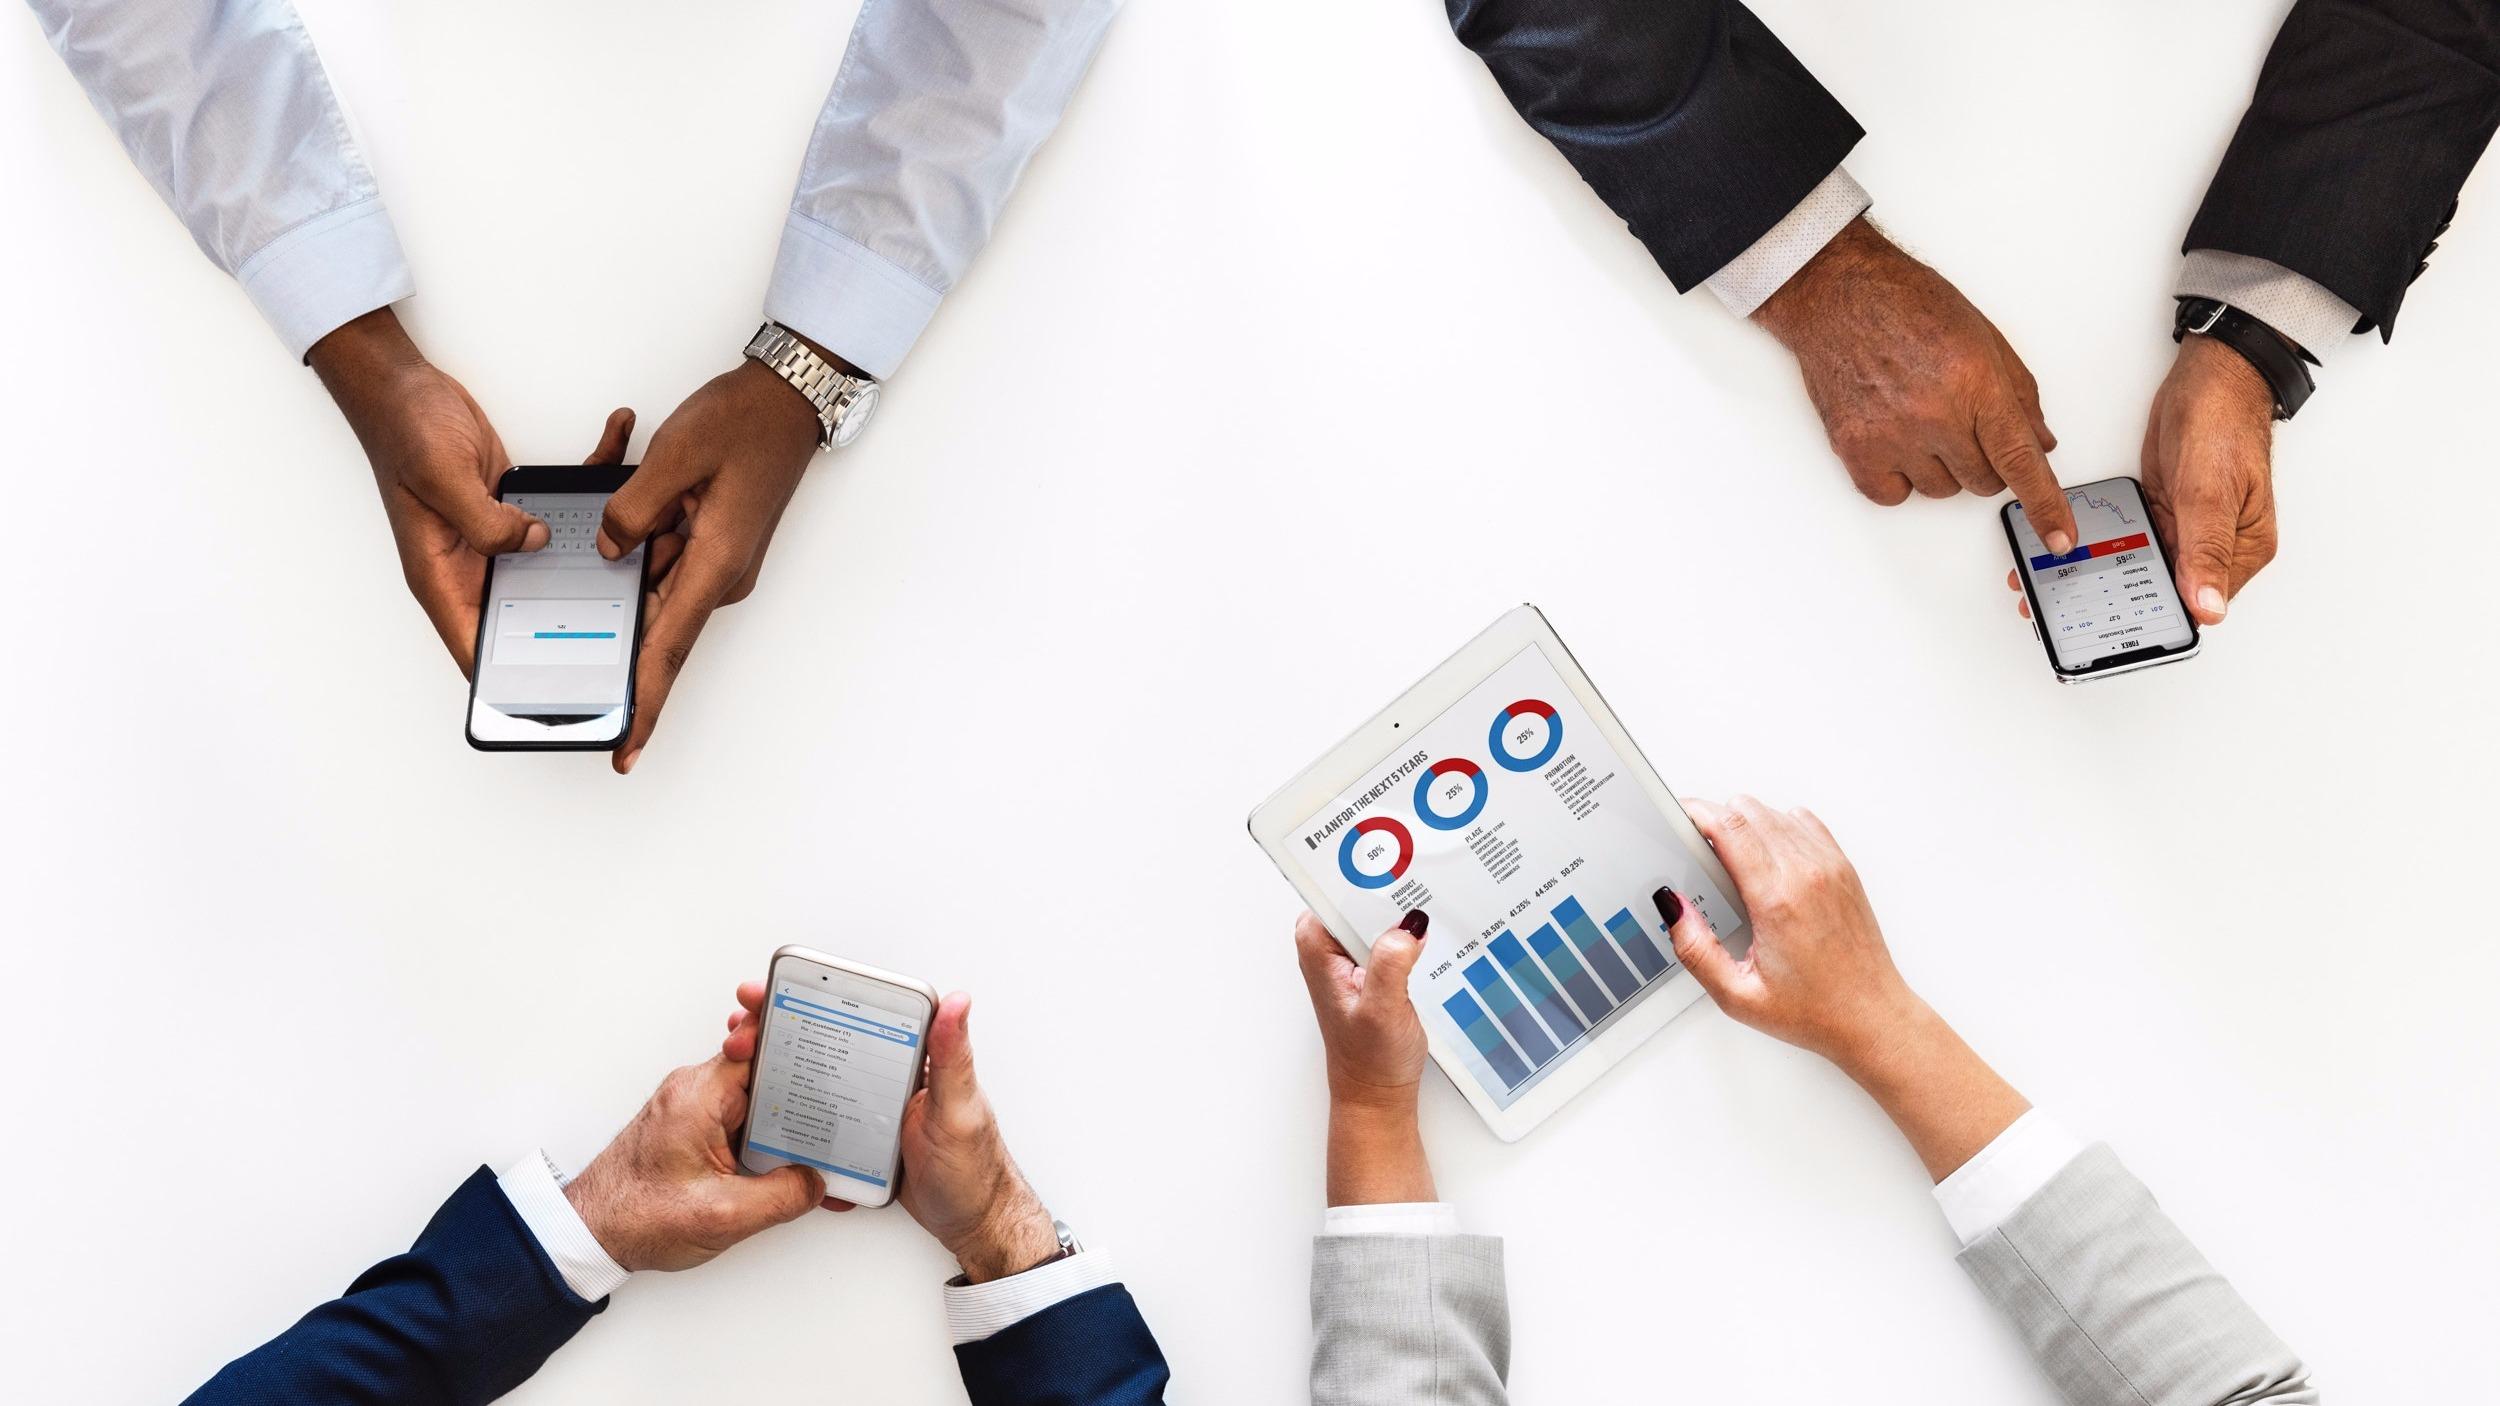 o2o电商平台解决方案,数商云解析o2o商城系统建设关键点